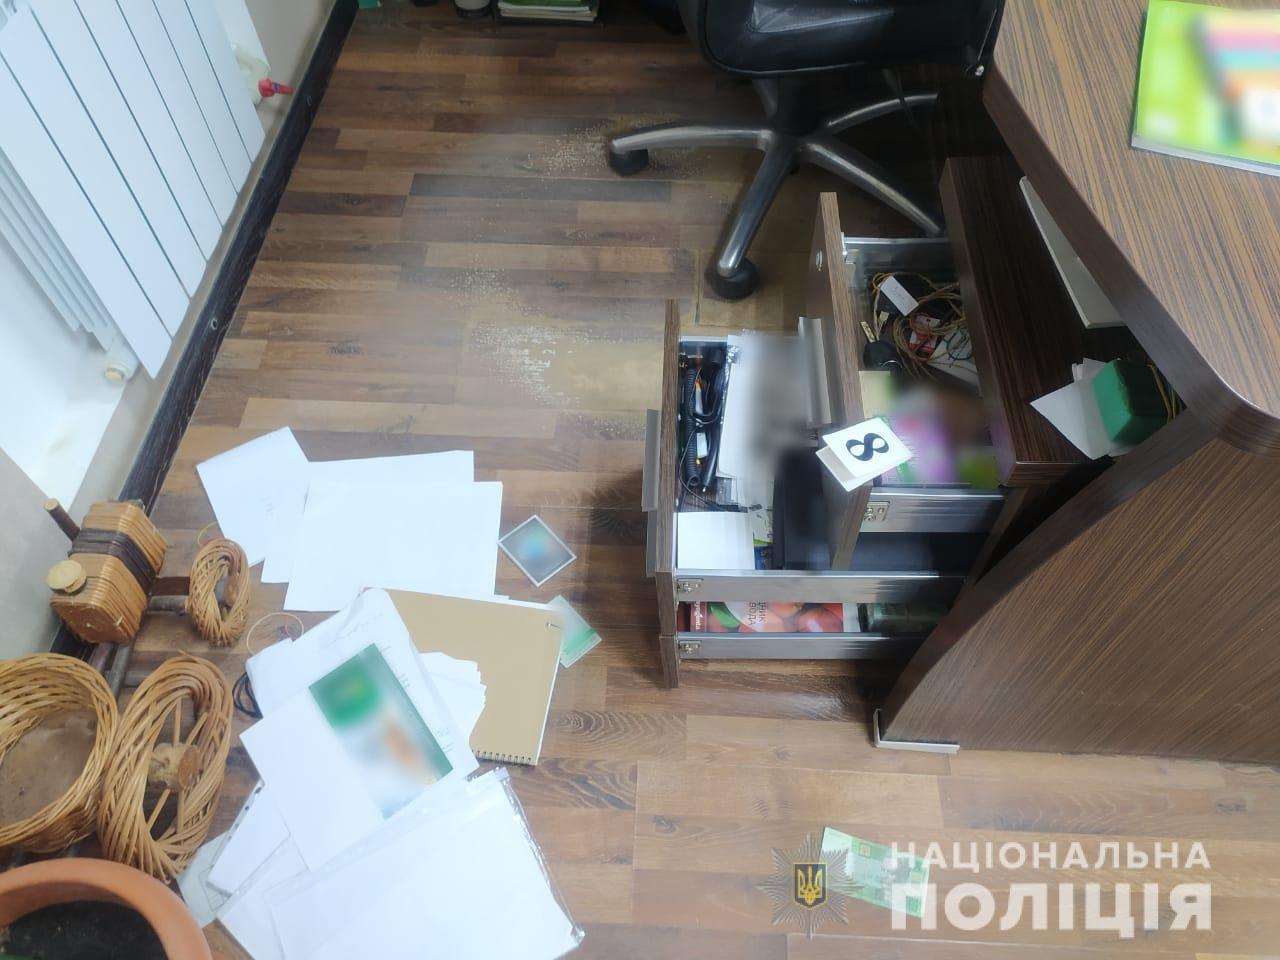 Лозовчанина задержали за разбойное нападение на сельхозпредприятие в Катериновке , фото-10